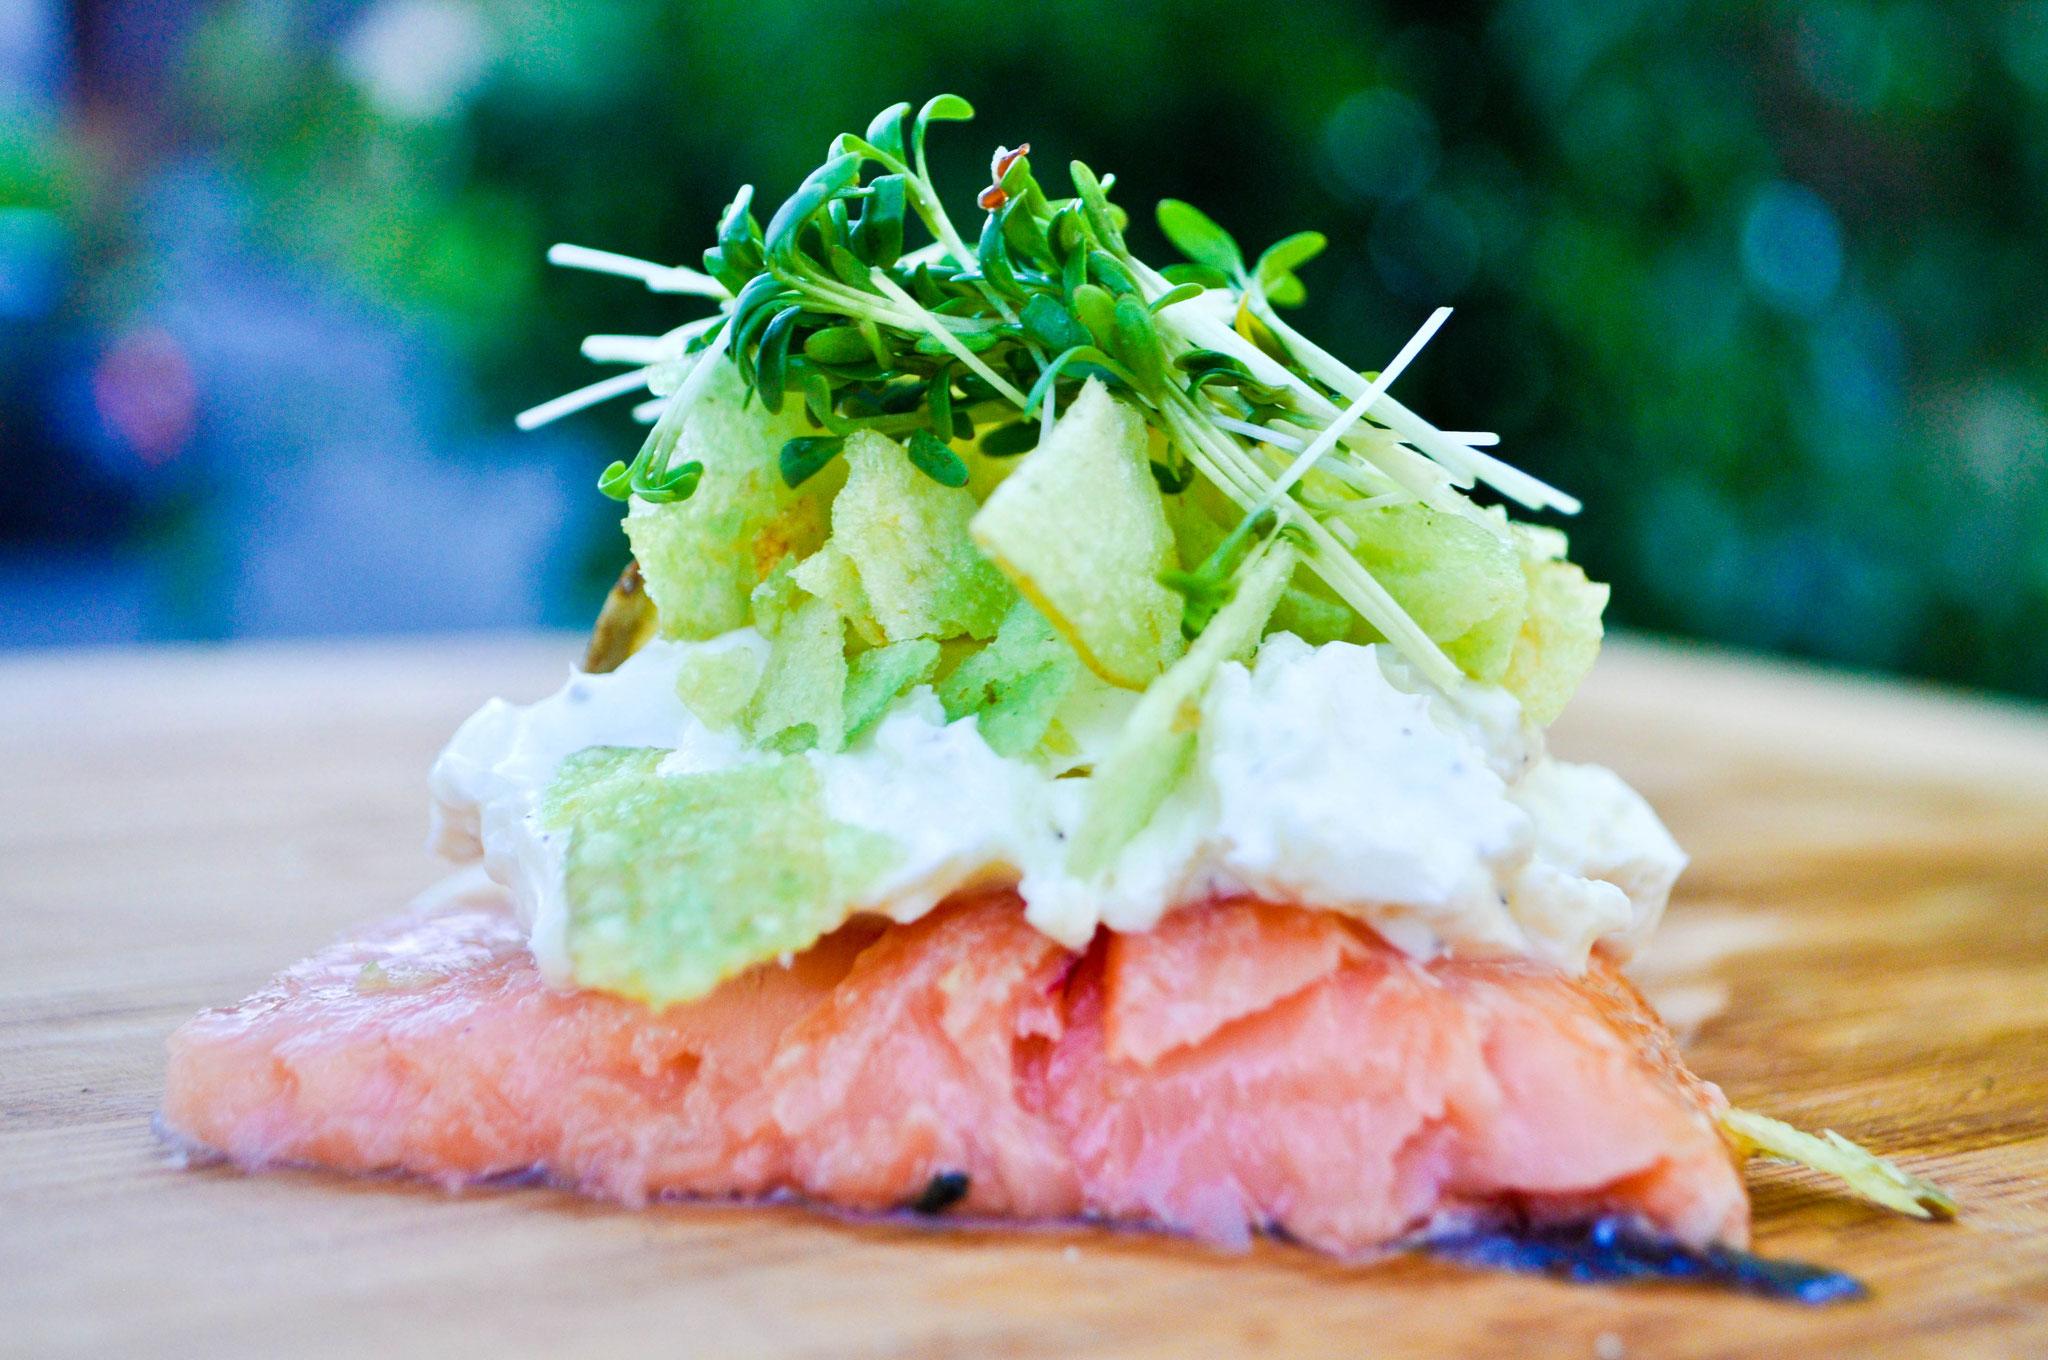 geräuchertes Lachsfilet auf der Kirschplanke mit Frischkäse und Wasabichips  ALE-X-BBQ